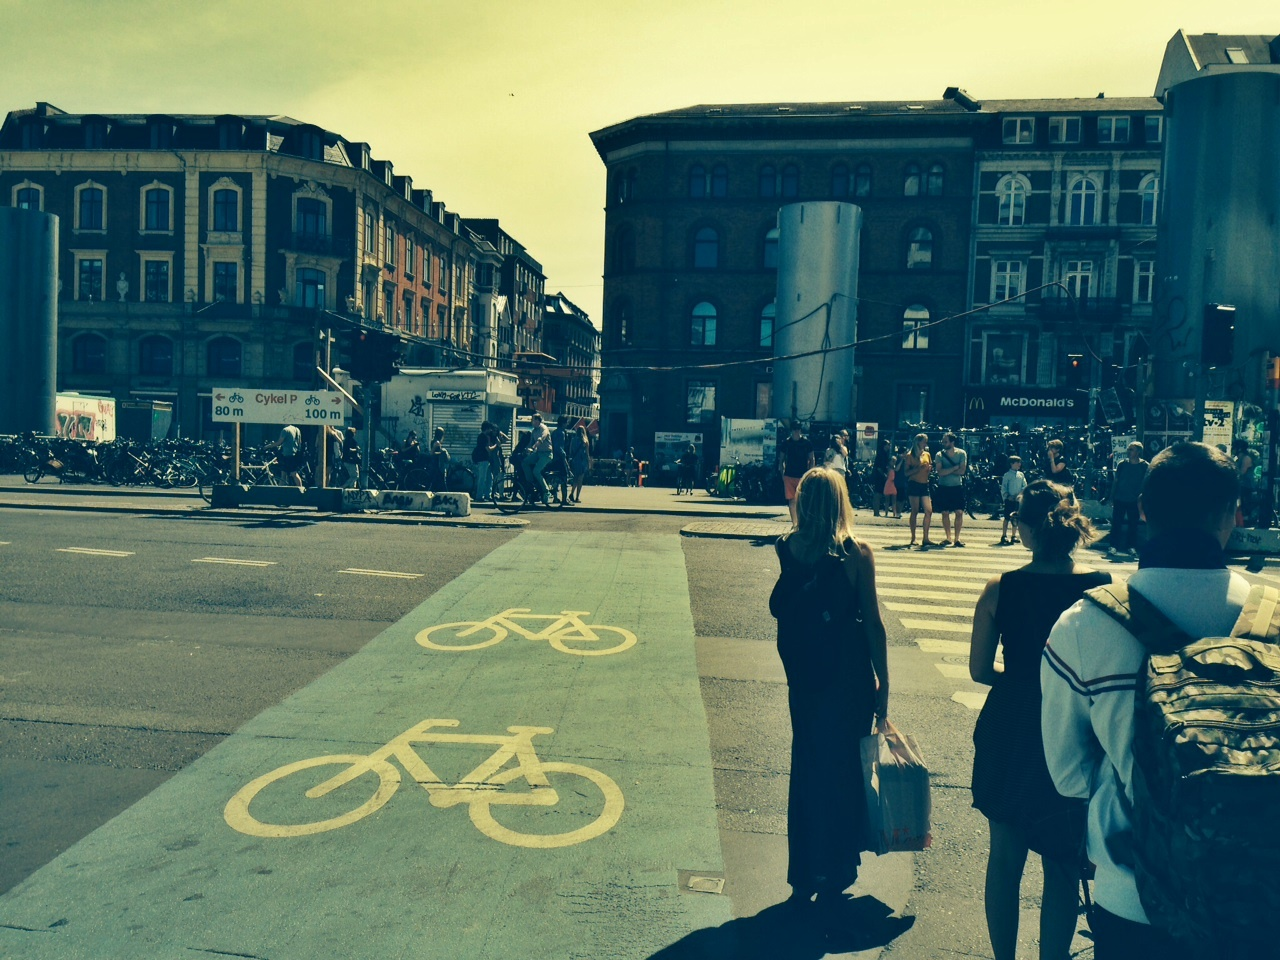 Kreuzung_Kopenhagen2